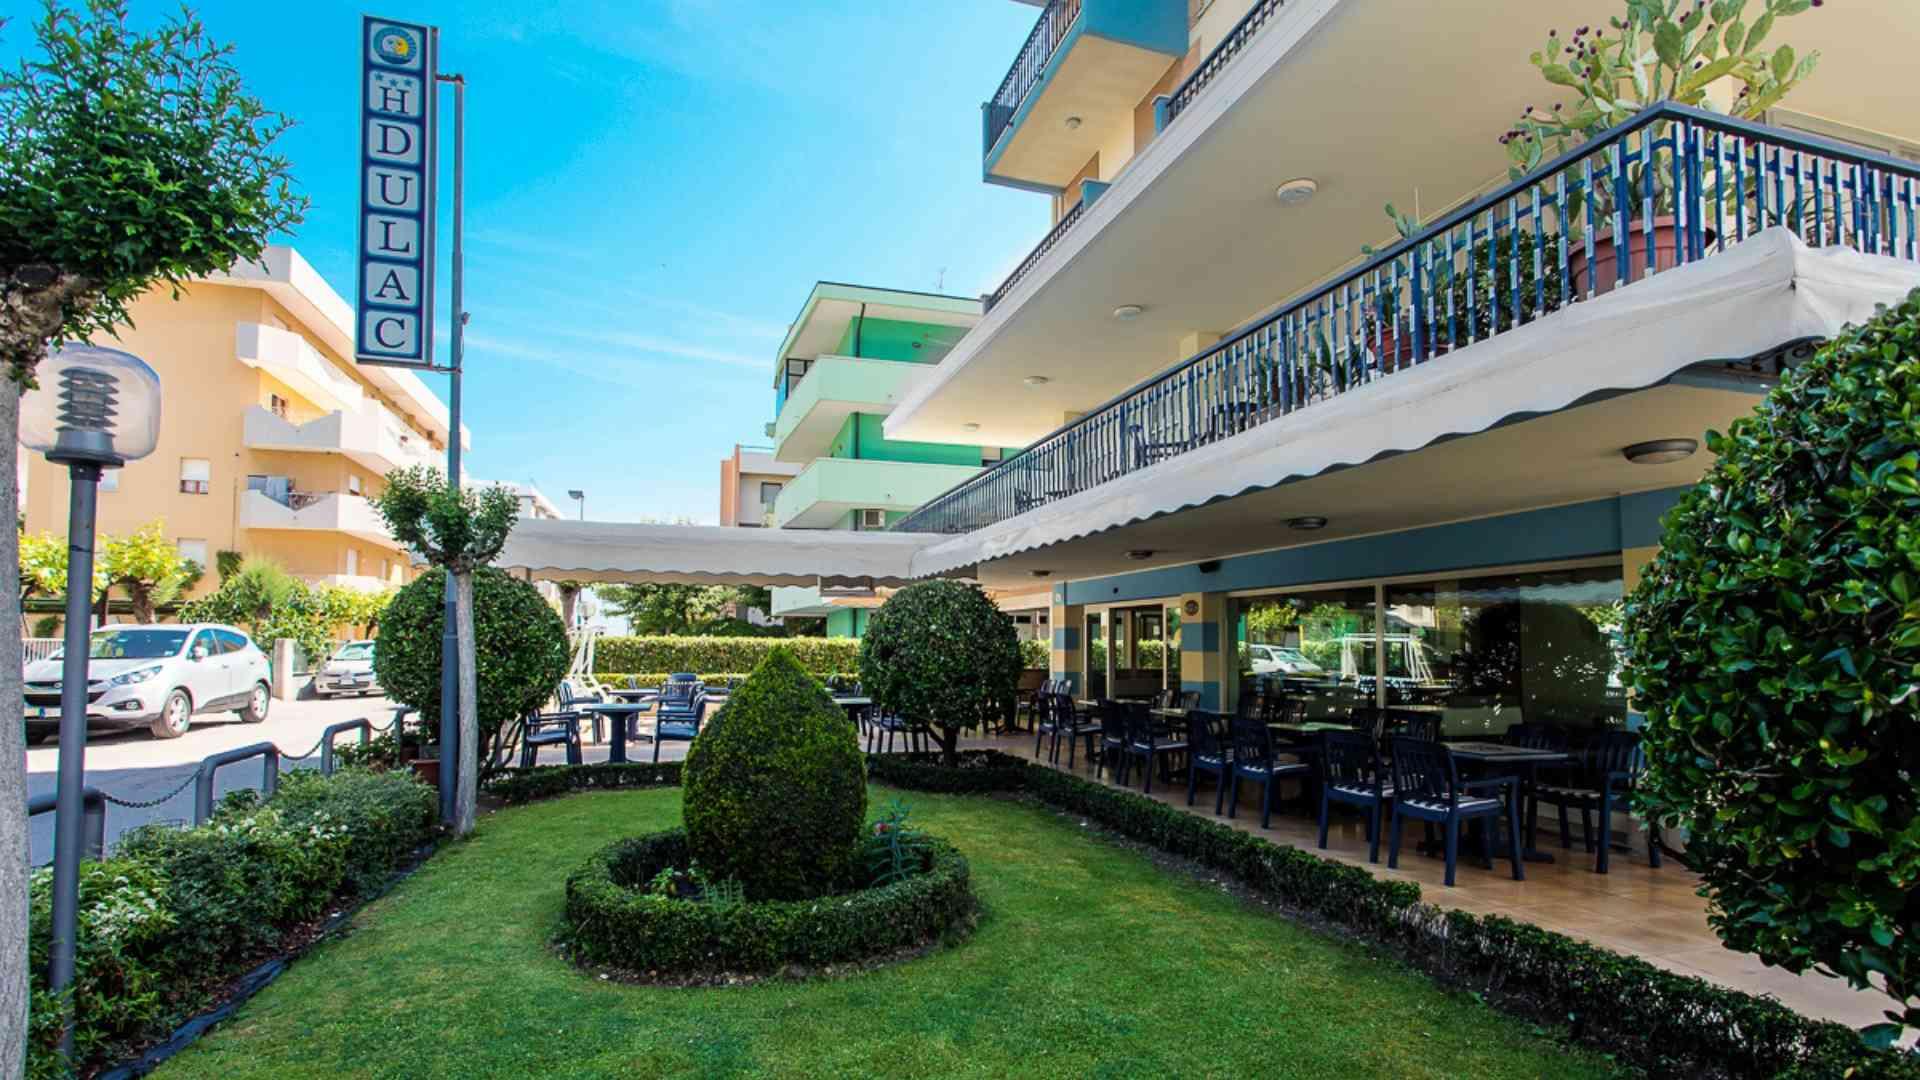 EVIDENZA_Esterno_Hotel Dulac